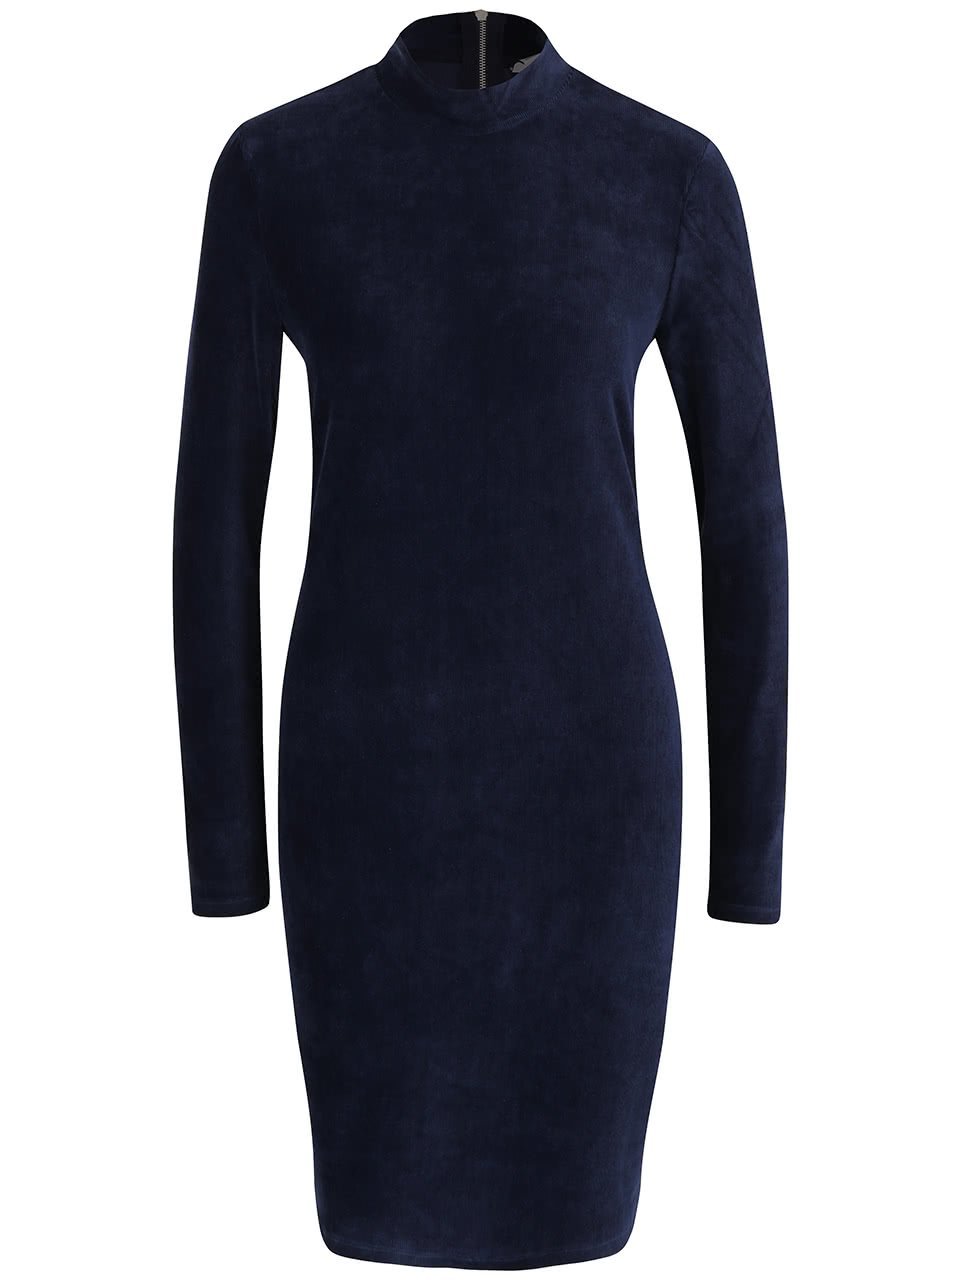 Tmavě modré sametové šaty ke krku s dlouhým rukávem Vero Moda Corduroy